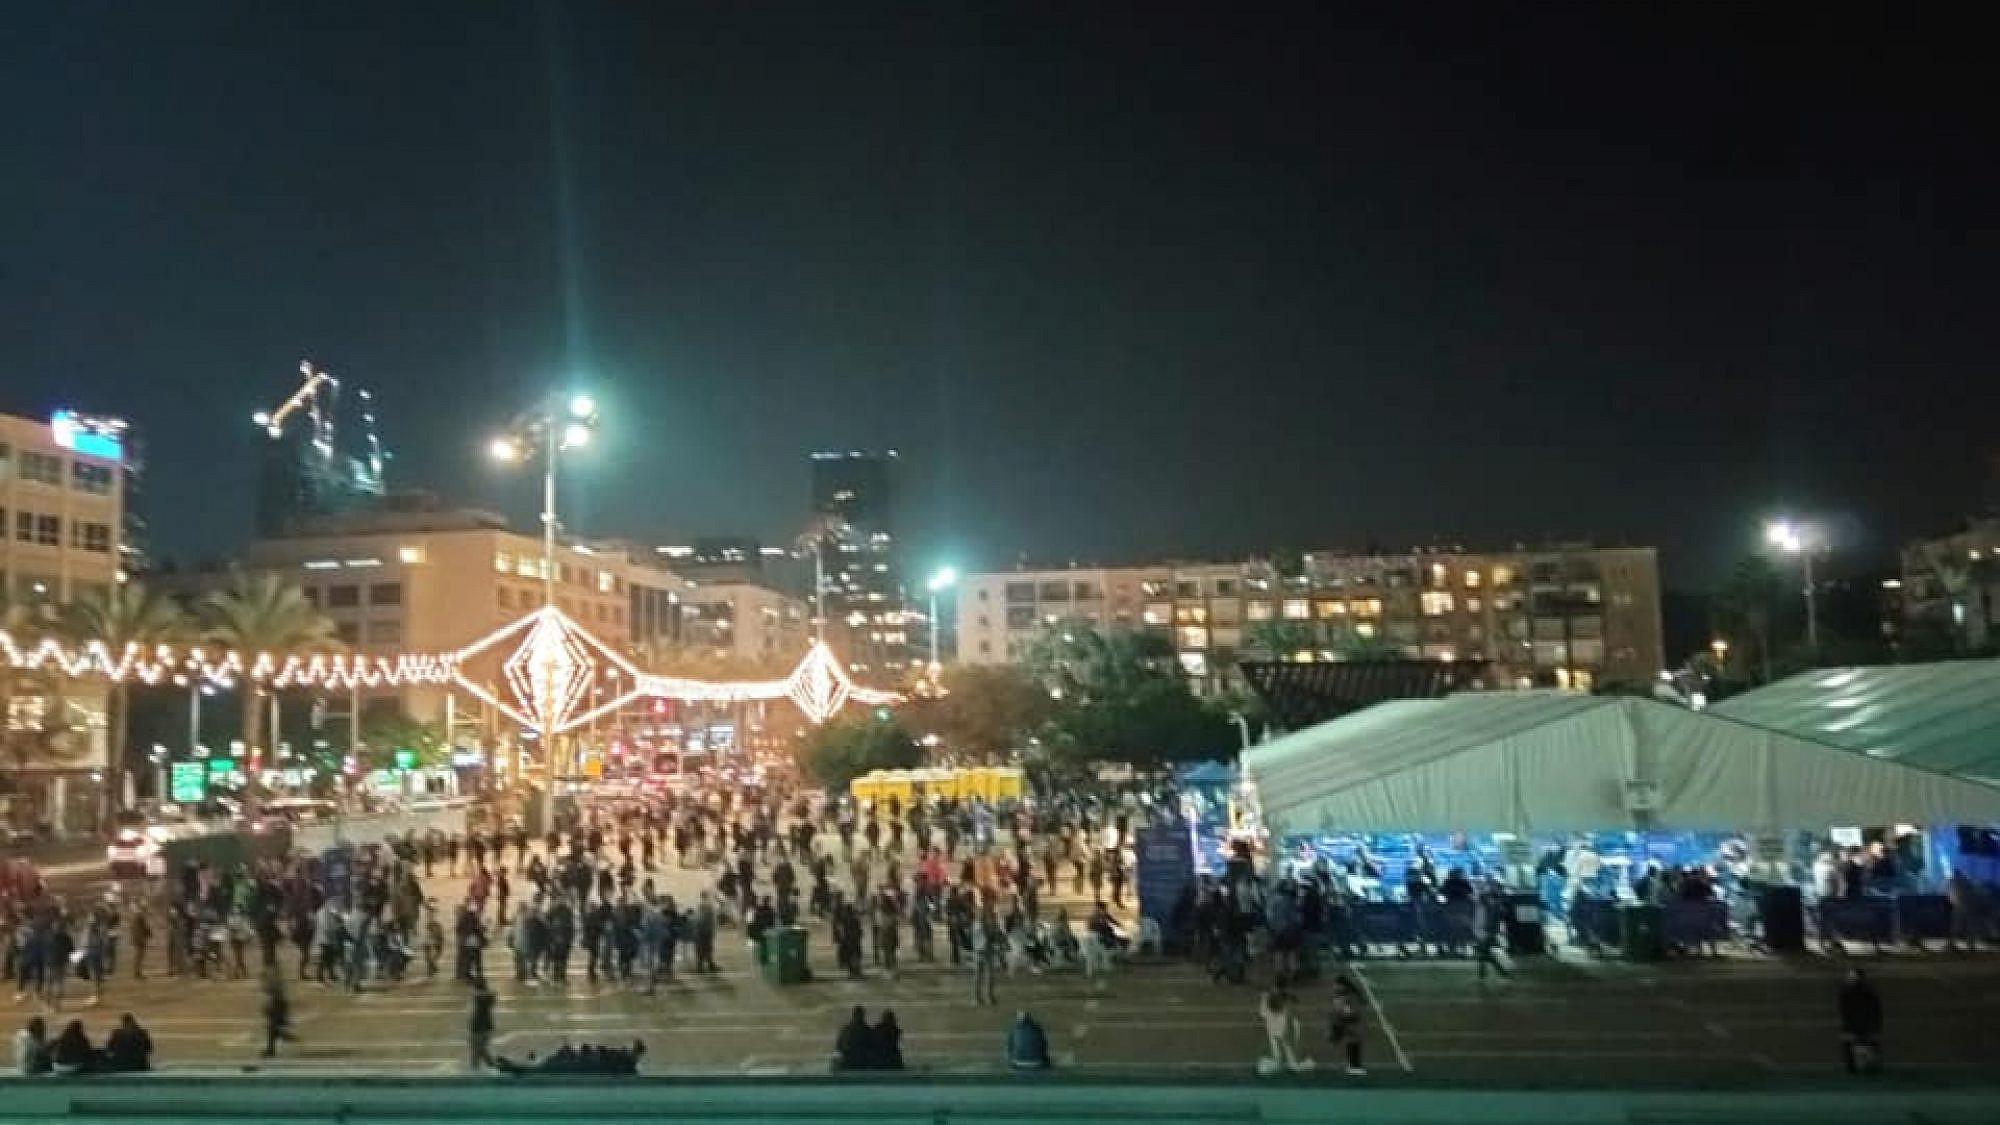 מה שהממשלה הייתה צריכה לעשות. עובדי הוראה בתור לחיסון אמש בכיכר רבין (צילום מתוך עמוד הפייסבוק של סגנית ראש העיר, ציפי ברנד)